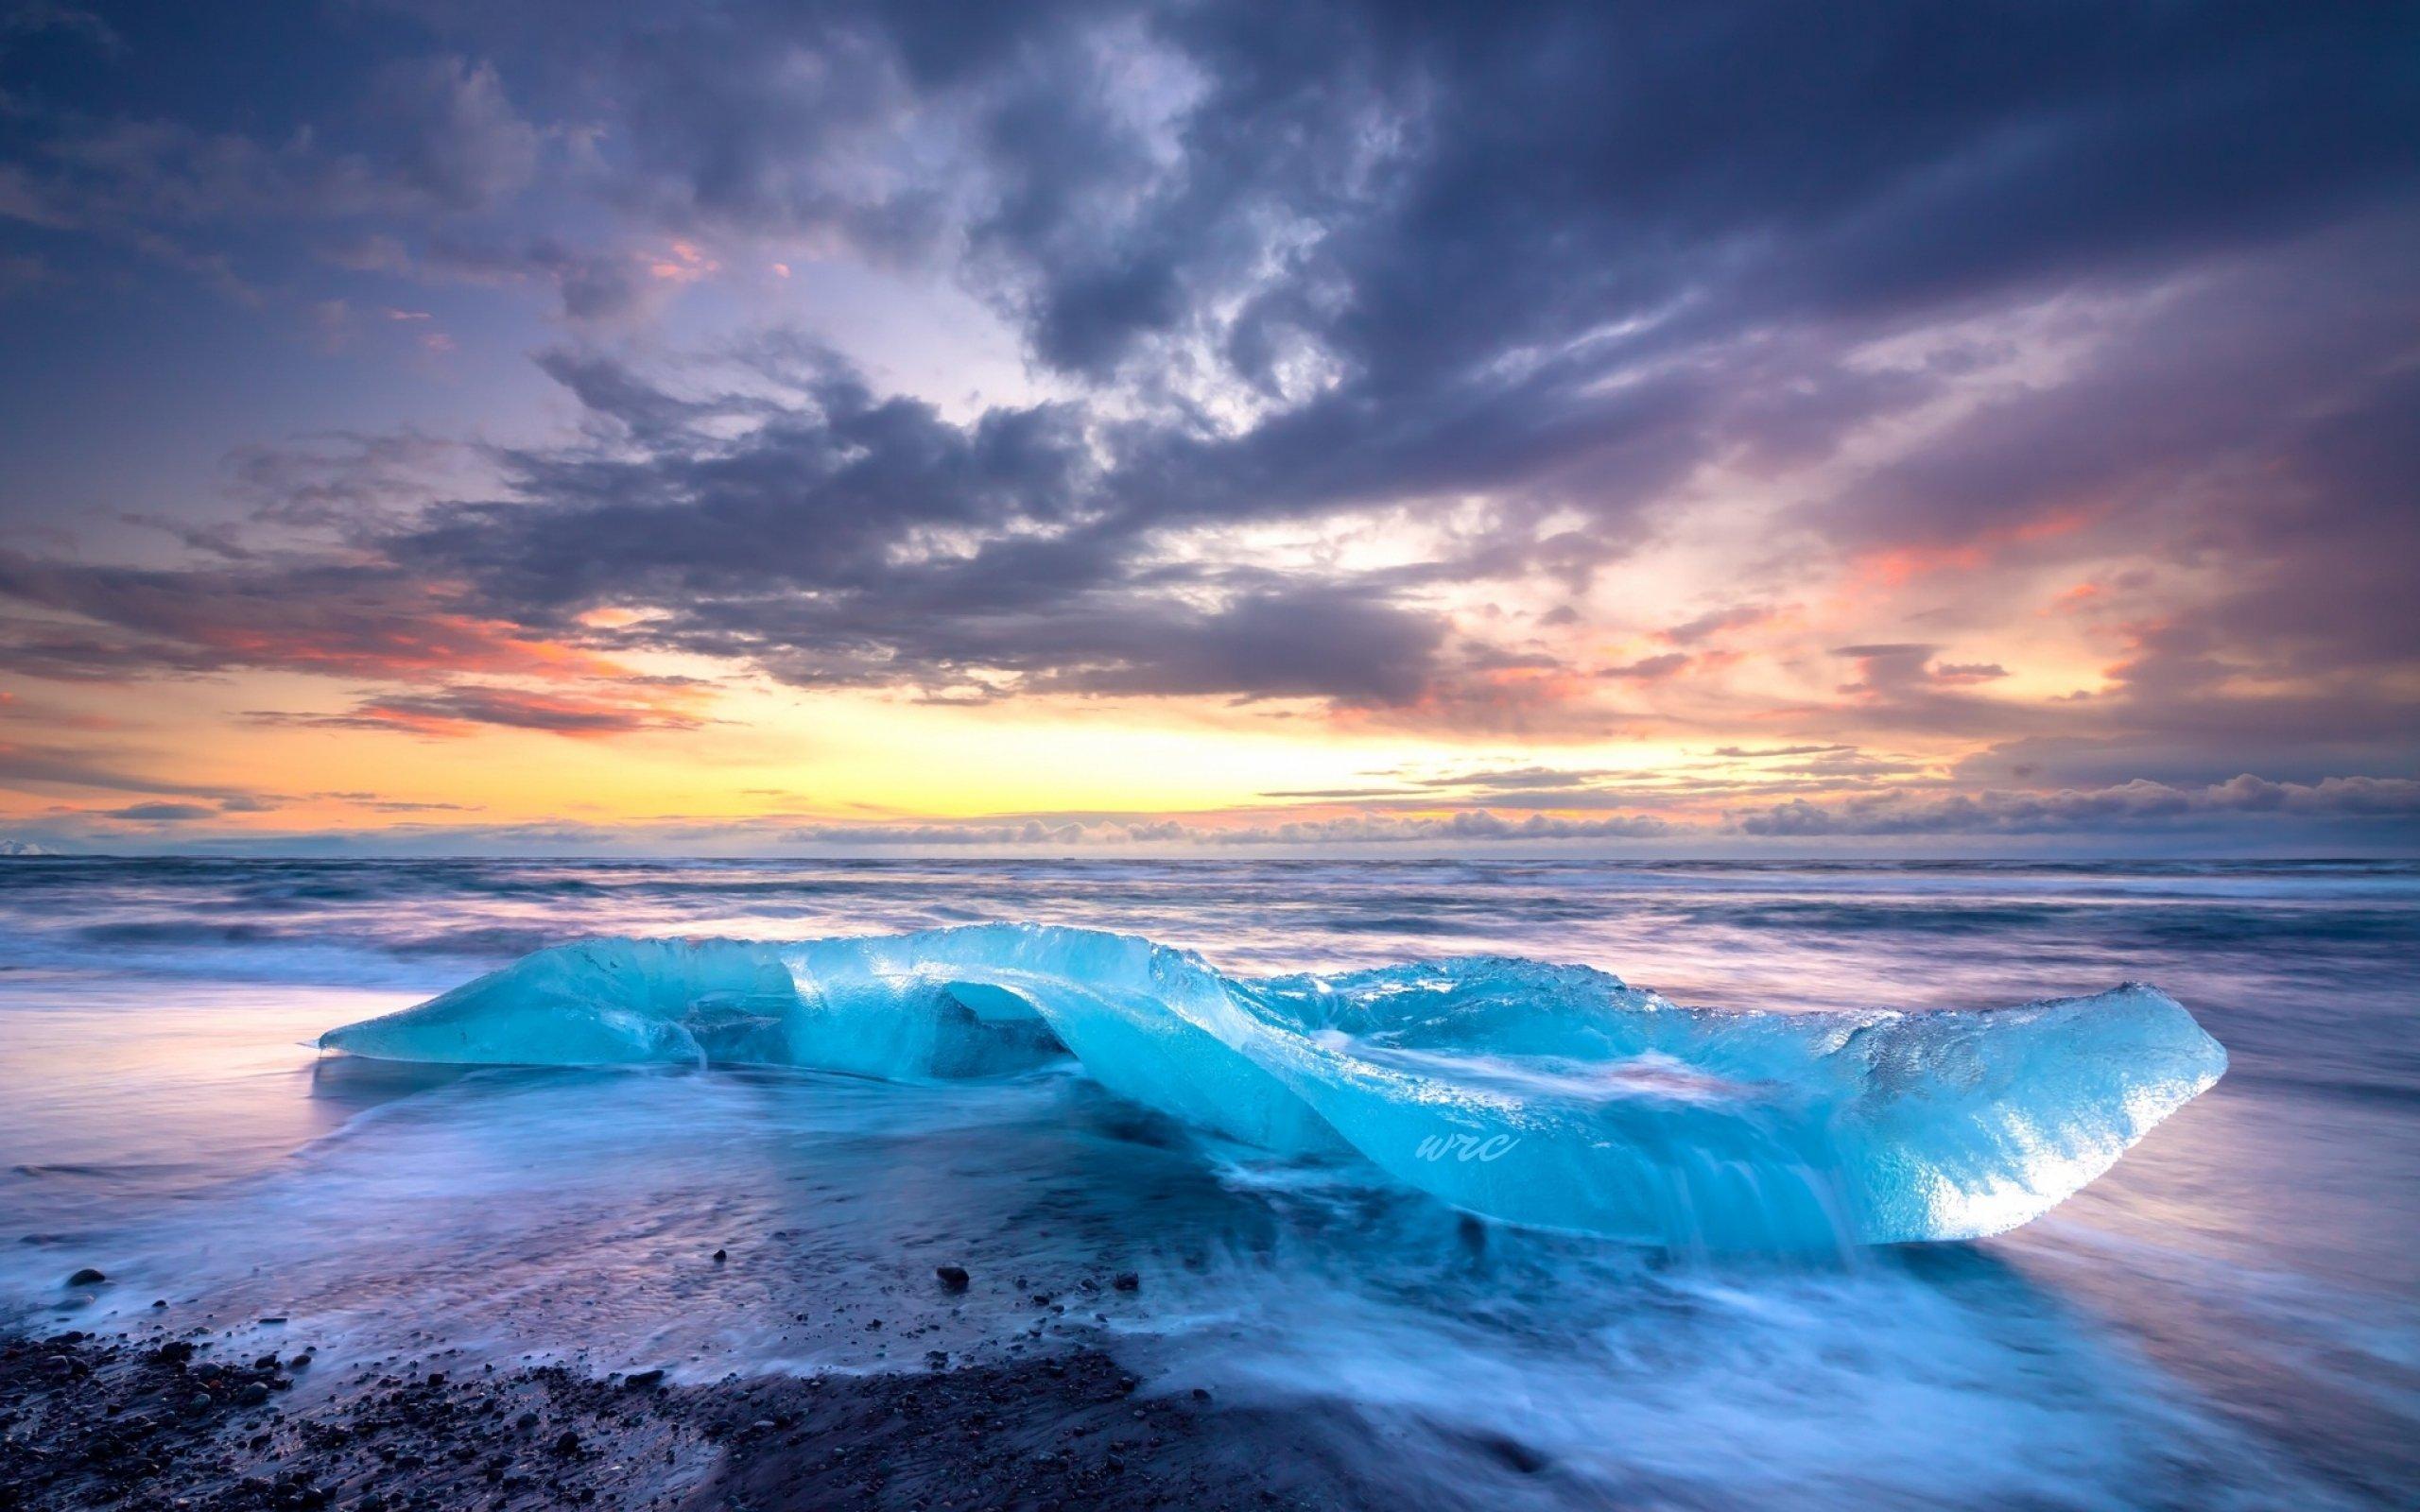 природа айсберг море горизонт nature iceberg sea horizon  № 3511048 без смс